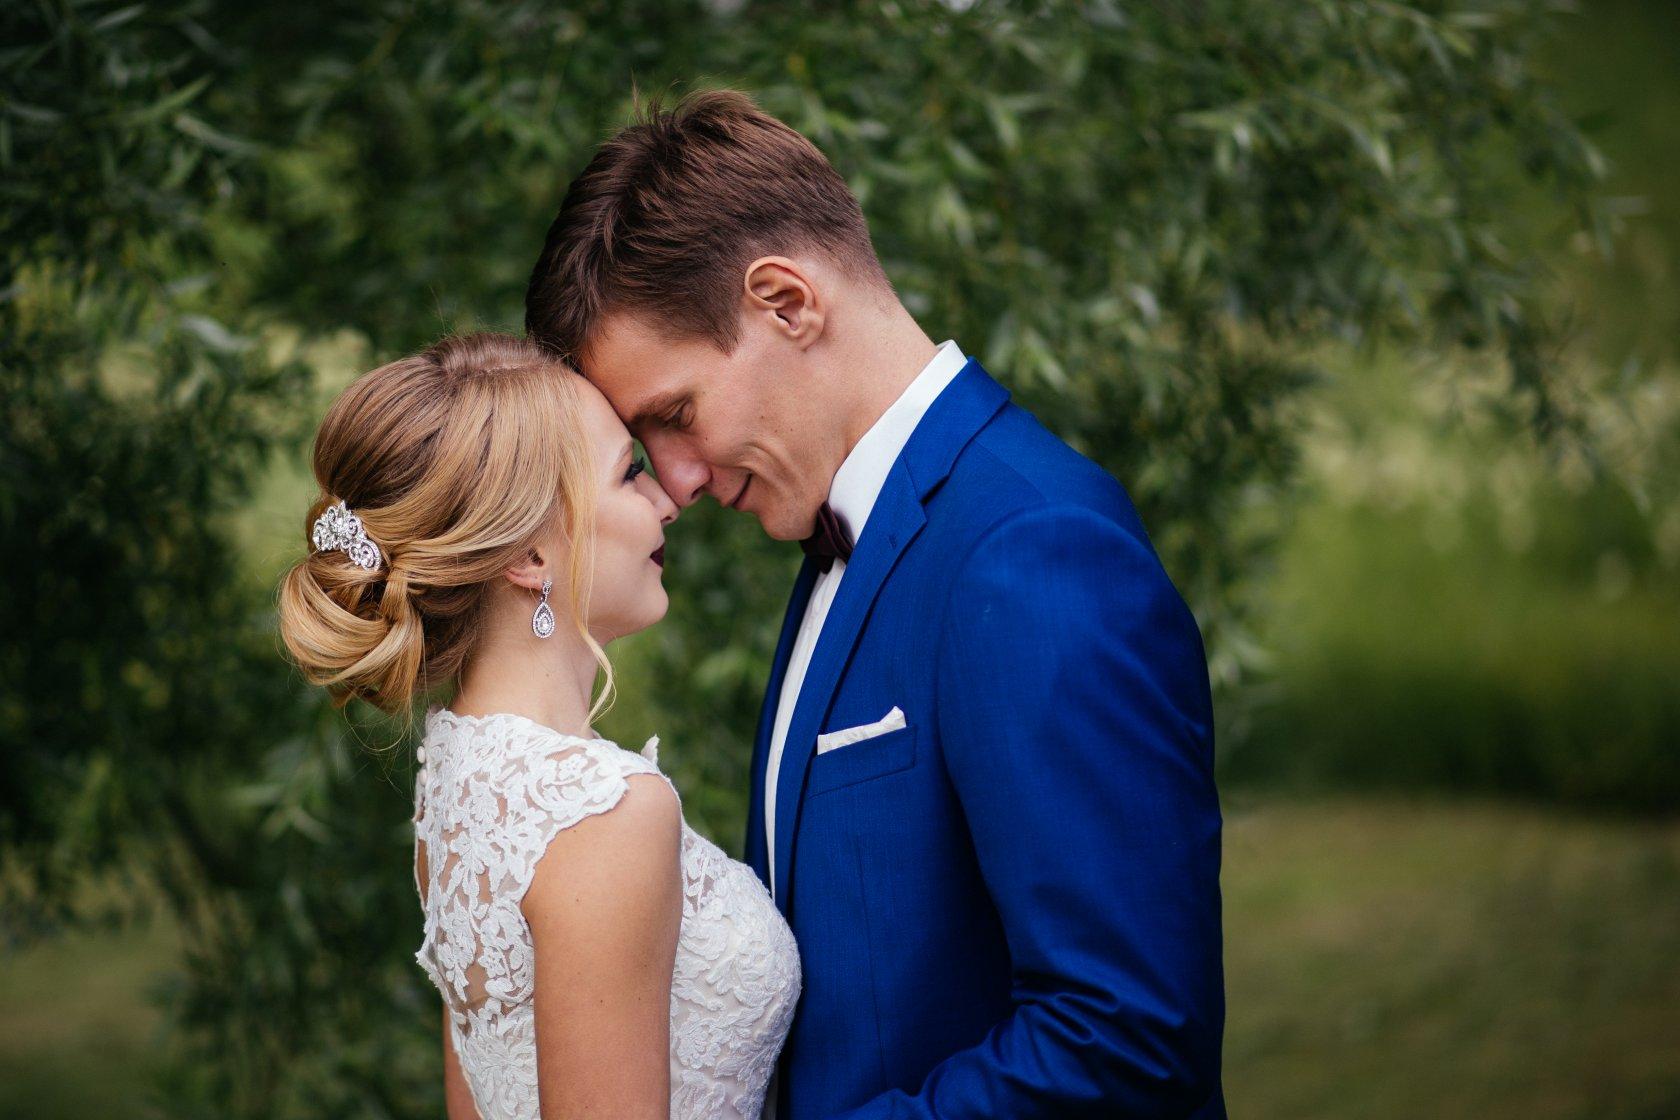 информации, где найти клиентов фотографу свадьбы тушеный